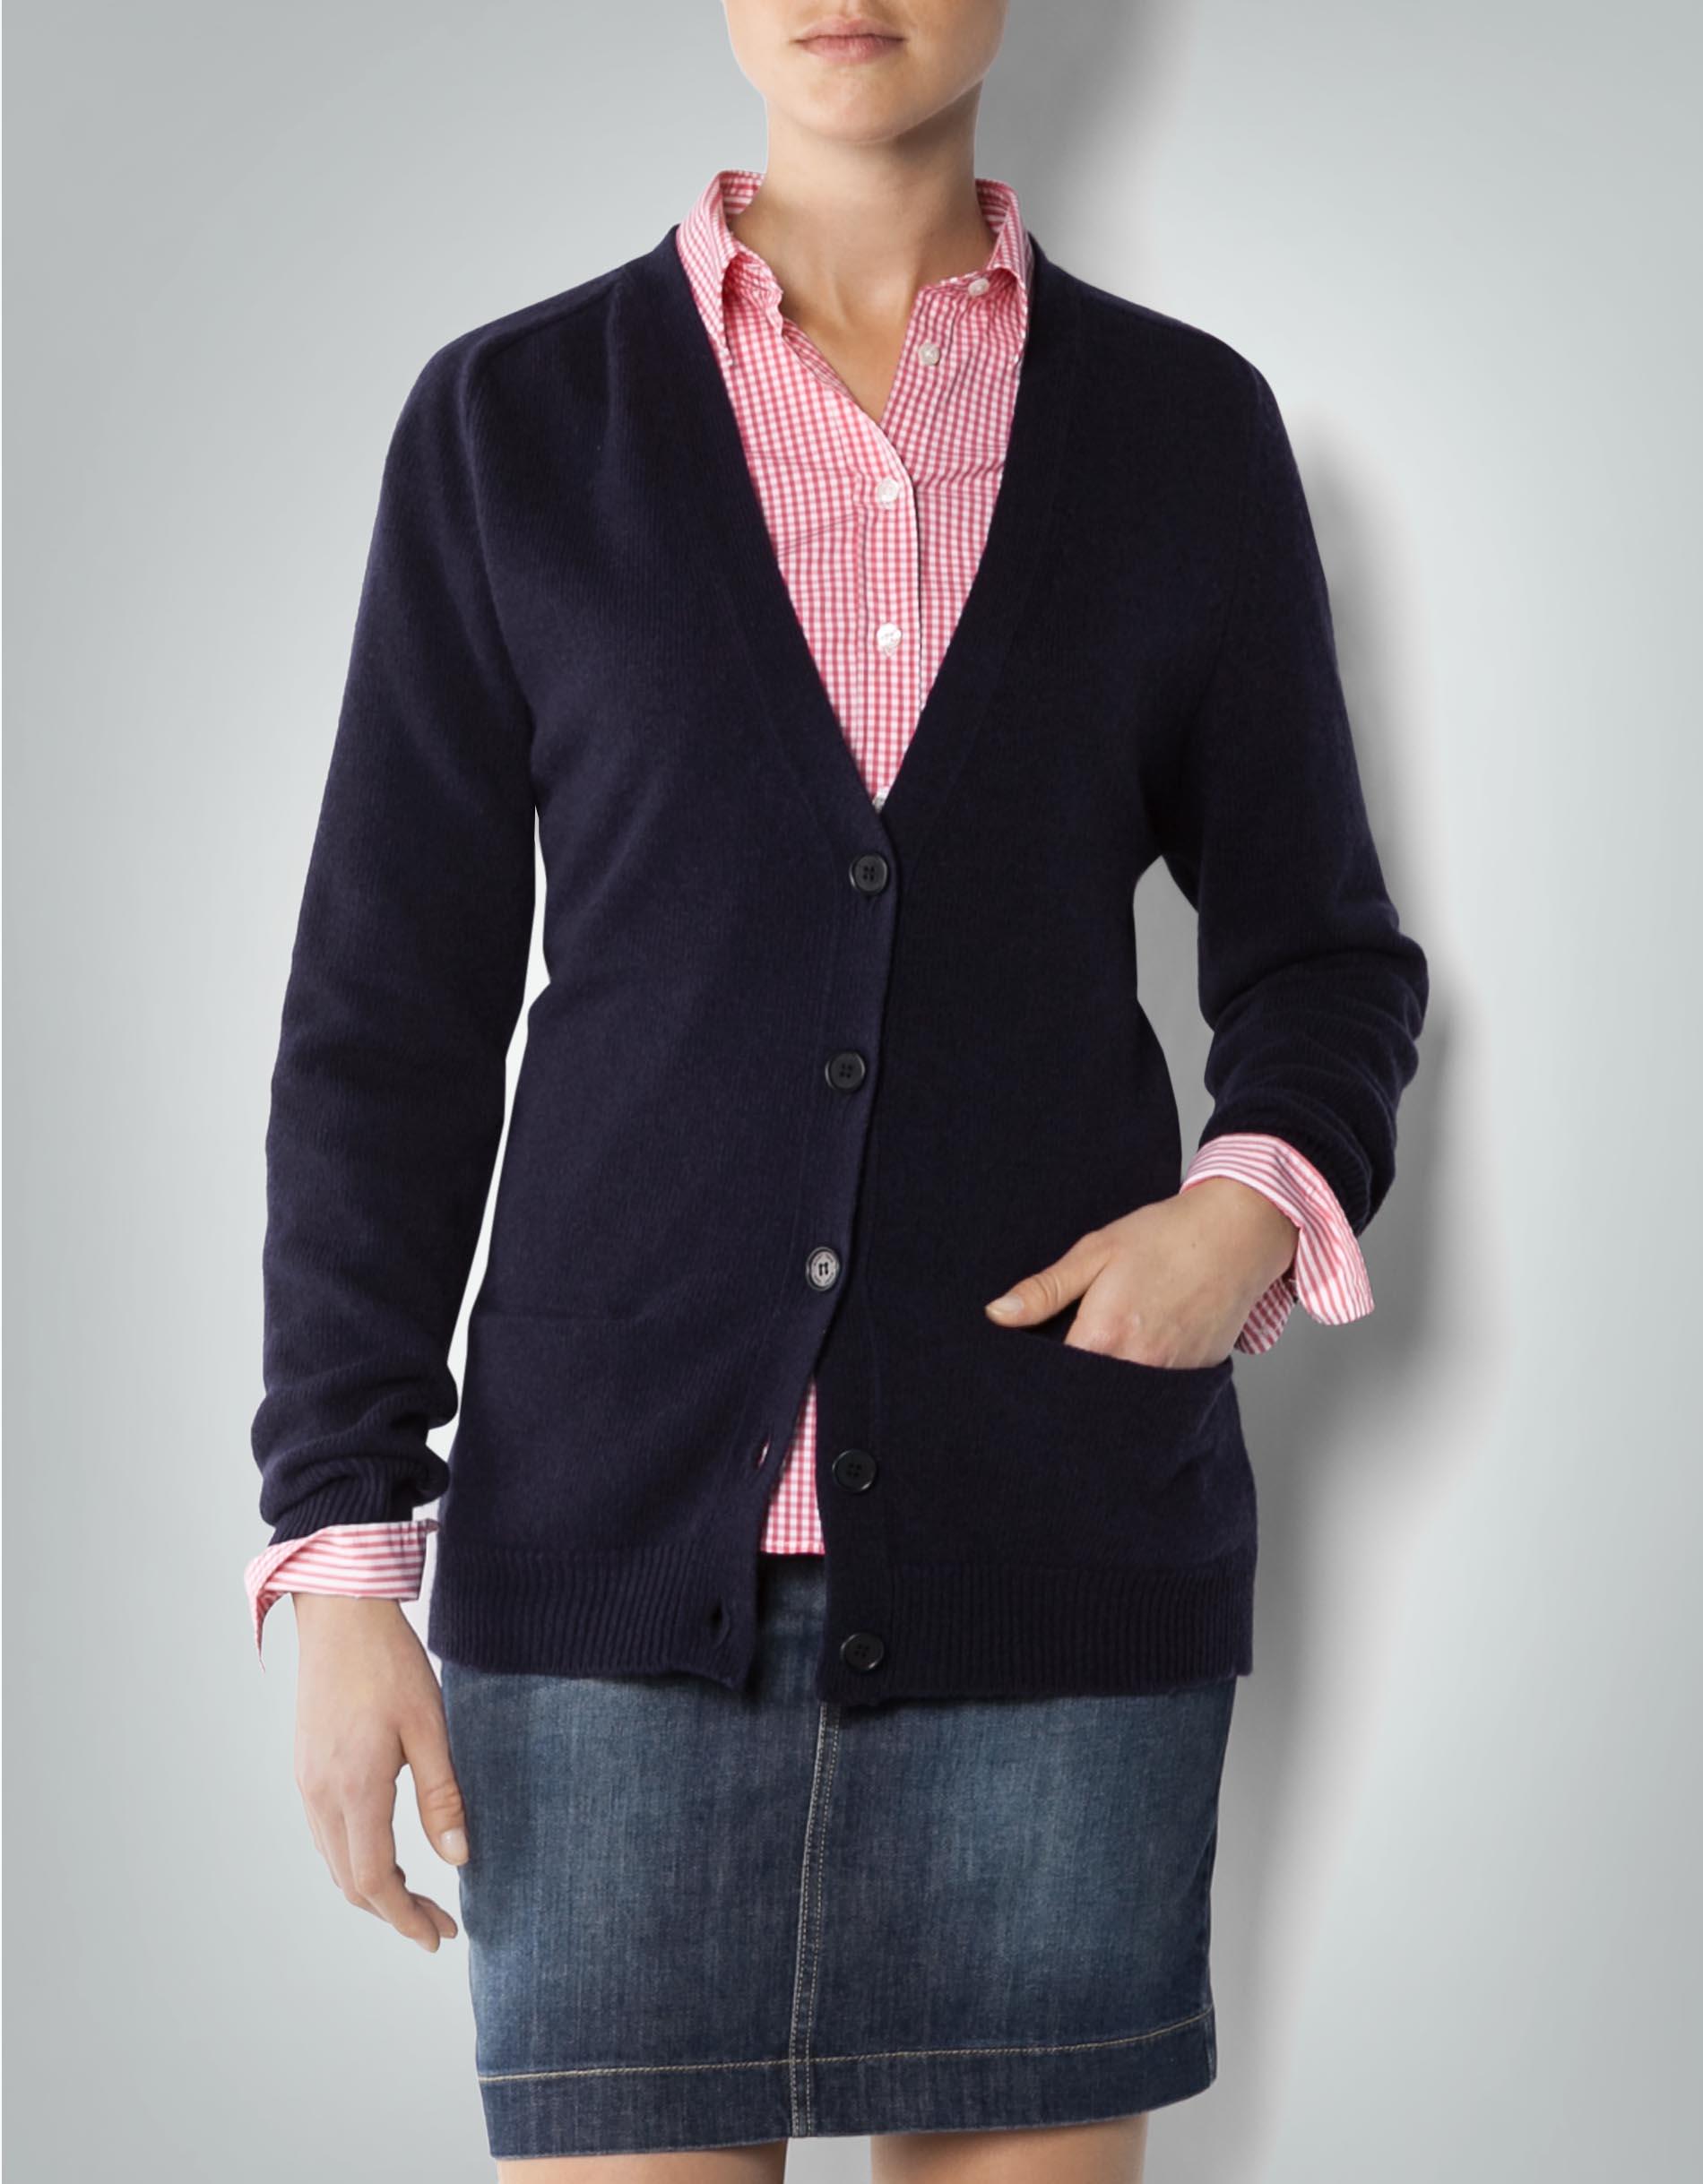 eef7ad42be0b Gant Damen Cardigan marineblau aus Wolle empfohlen von Deinen Schwestern